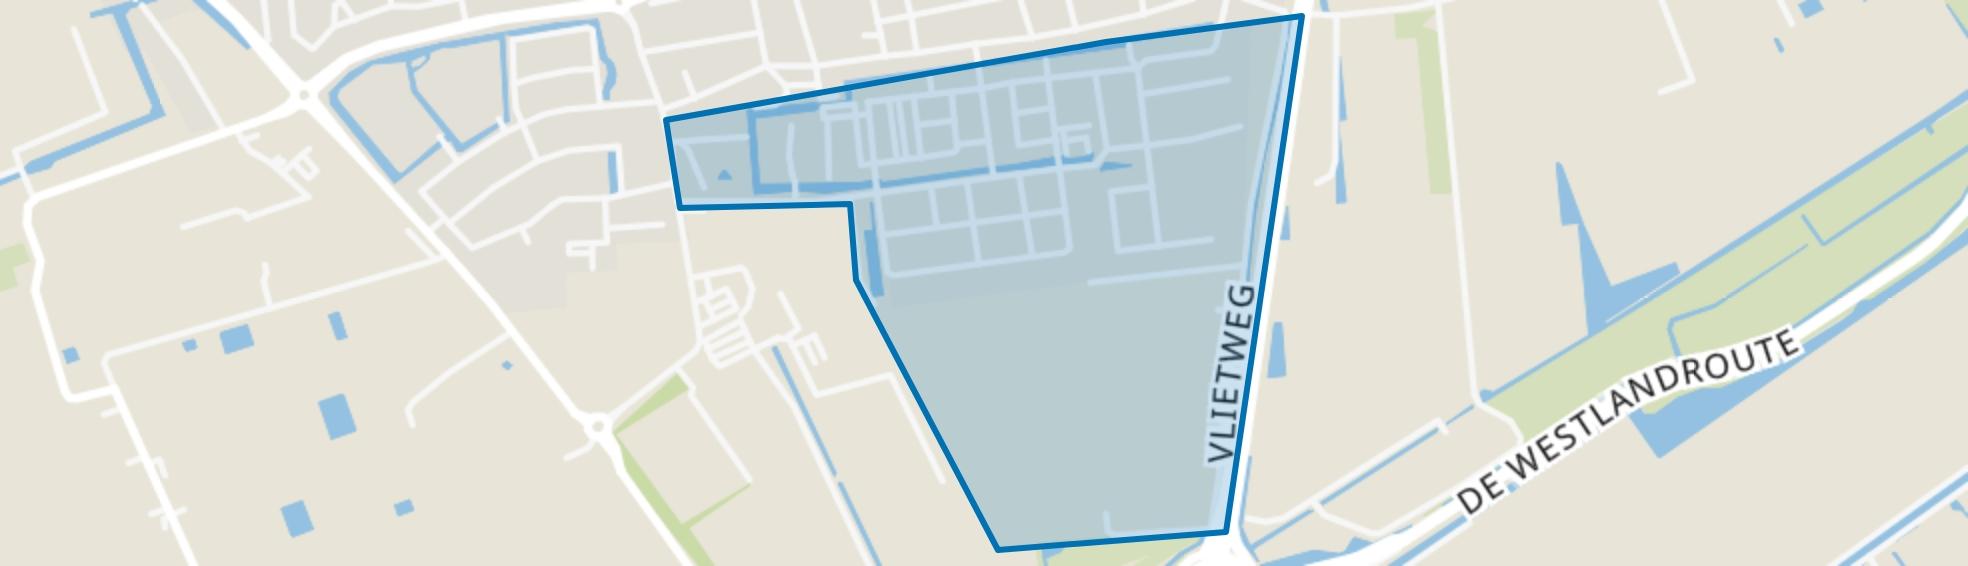 Hoogeland Oost, Naaldwijk map